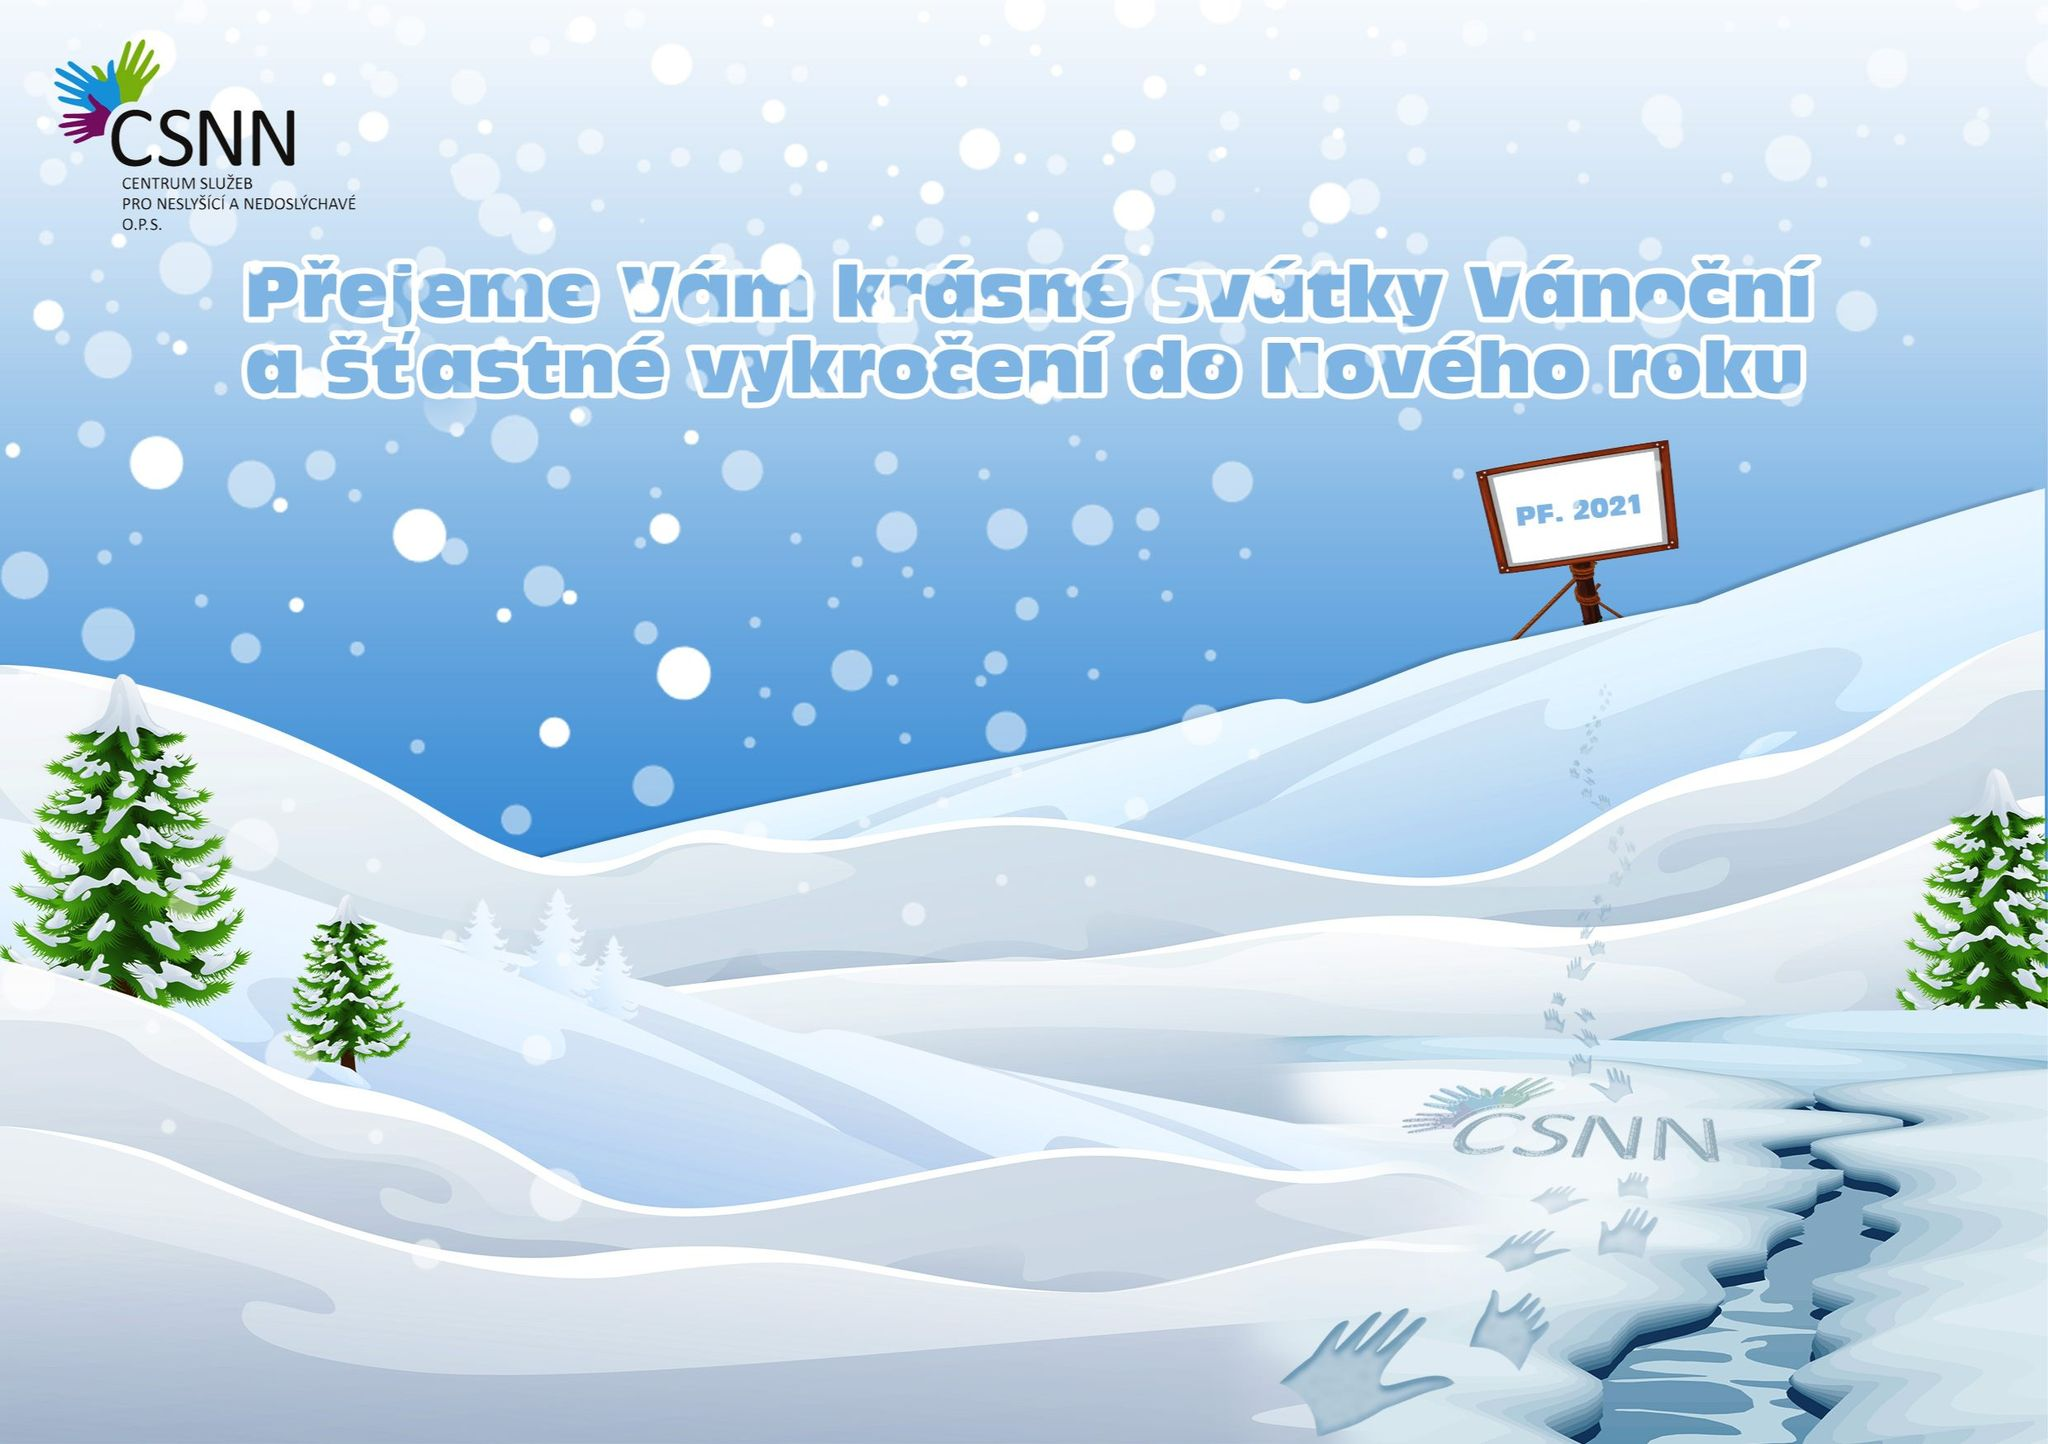 Krásný adventní čas a veselé vánoce